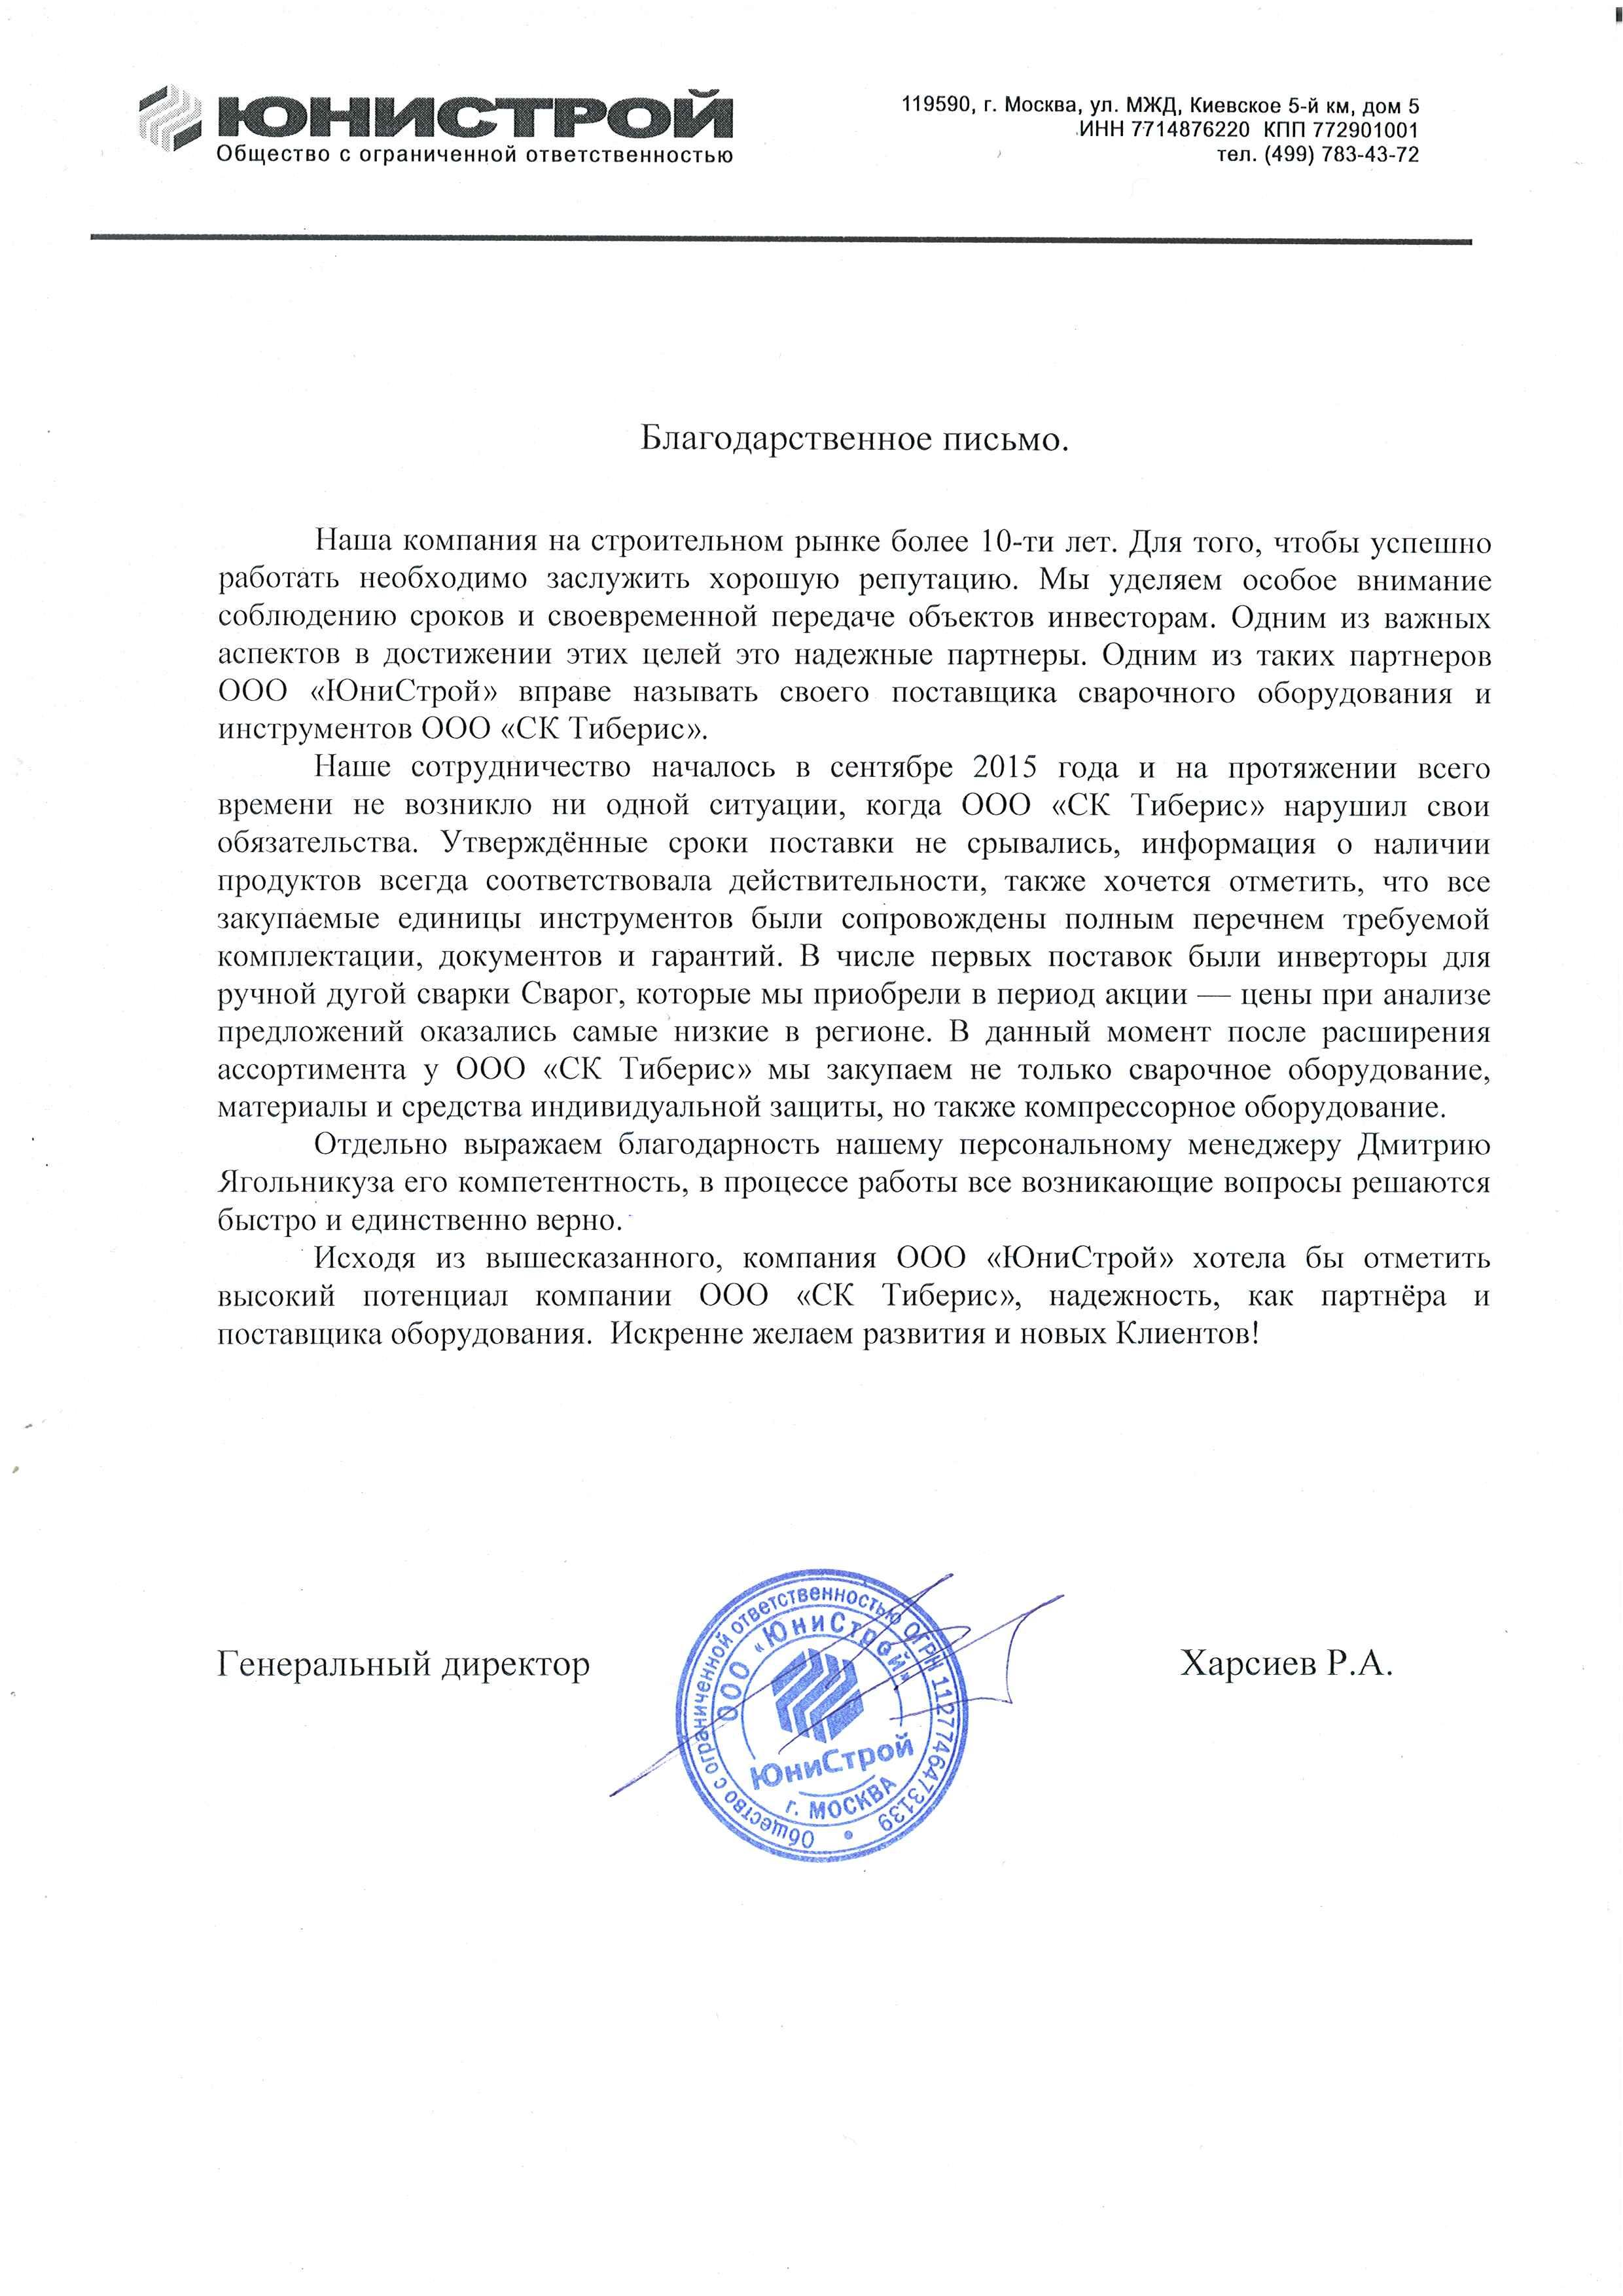 Отзыв о работе Тиберис от ООО «ЮниСтрой»